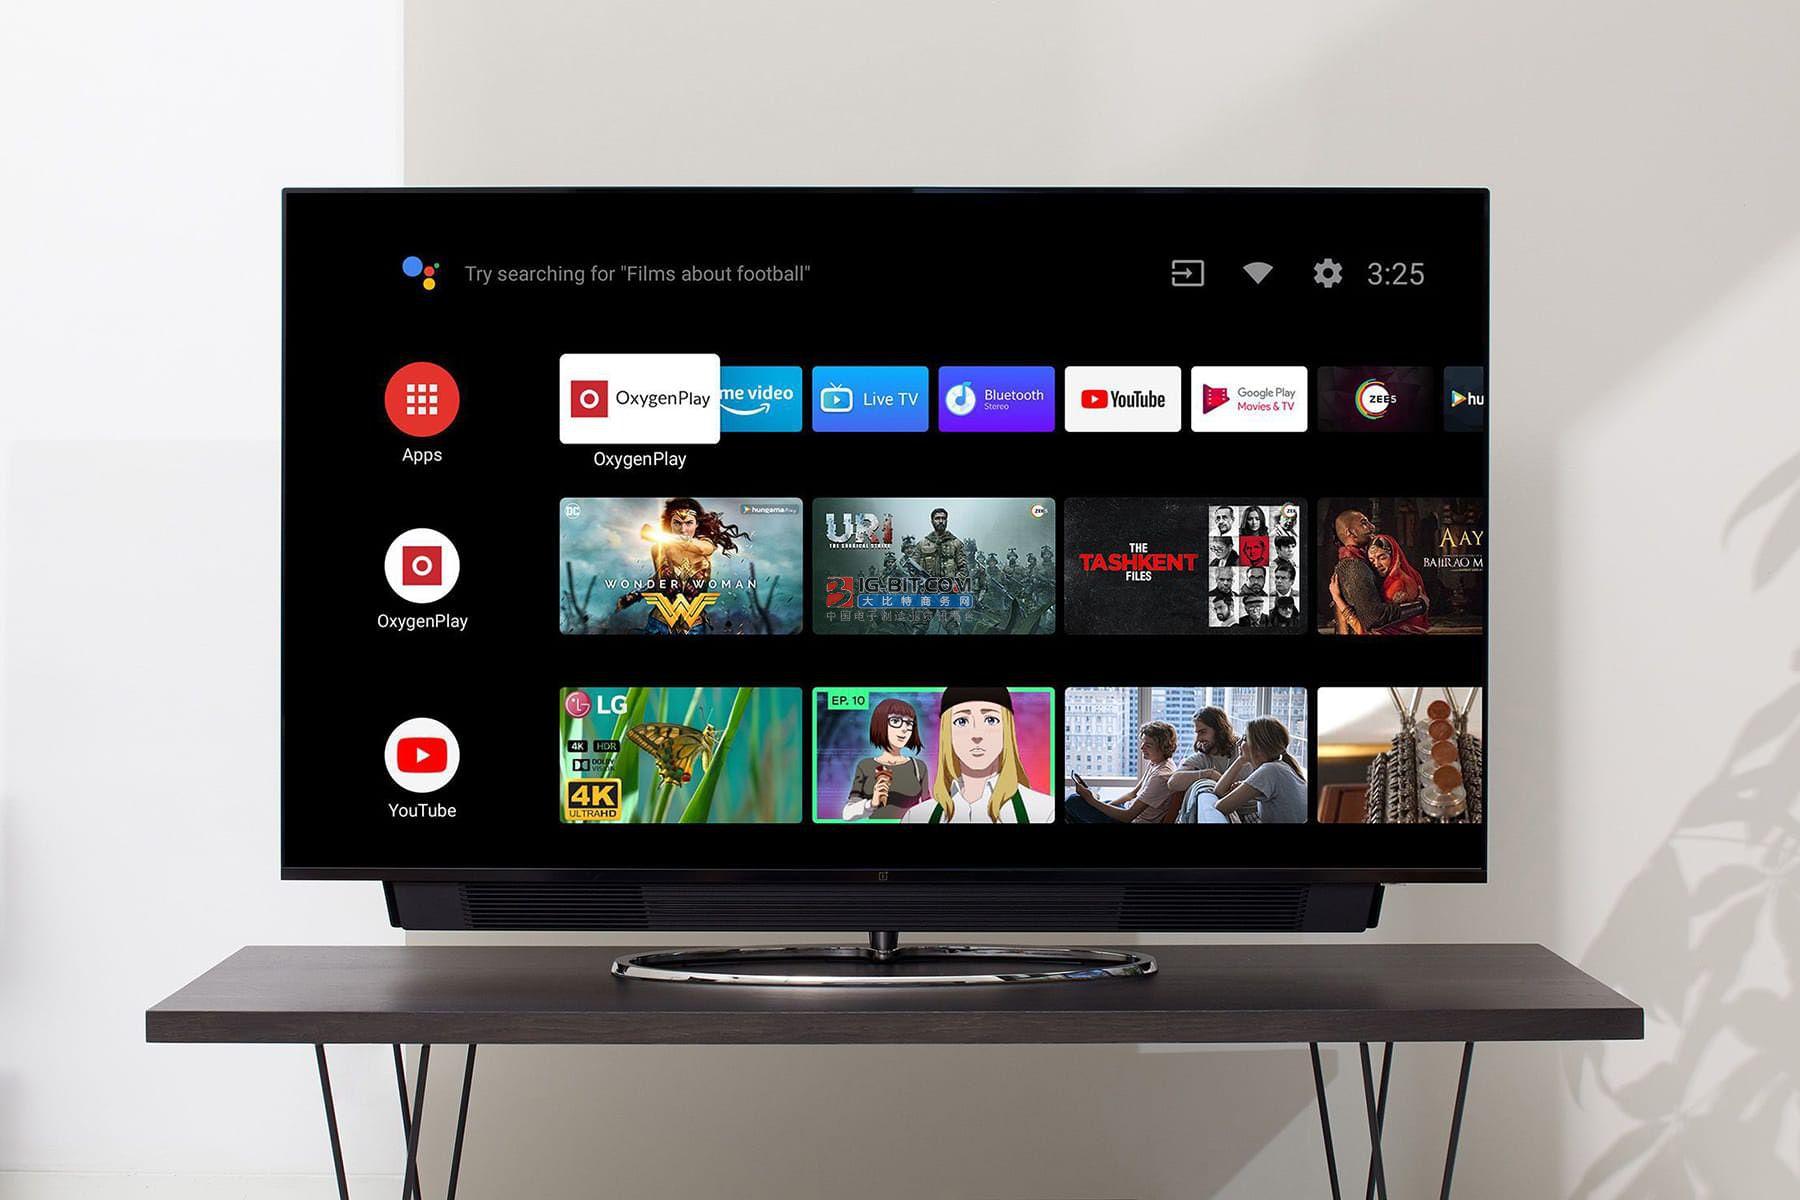 一加新电视的音画素质是亮点,但它还不准备卖给中国人